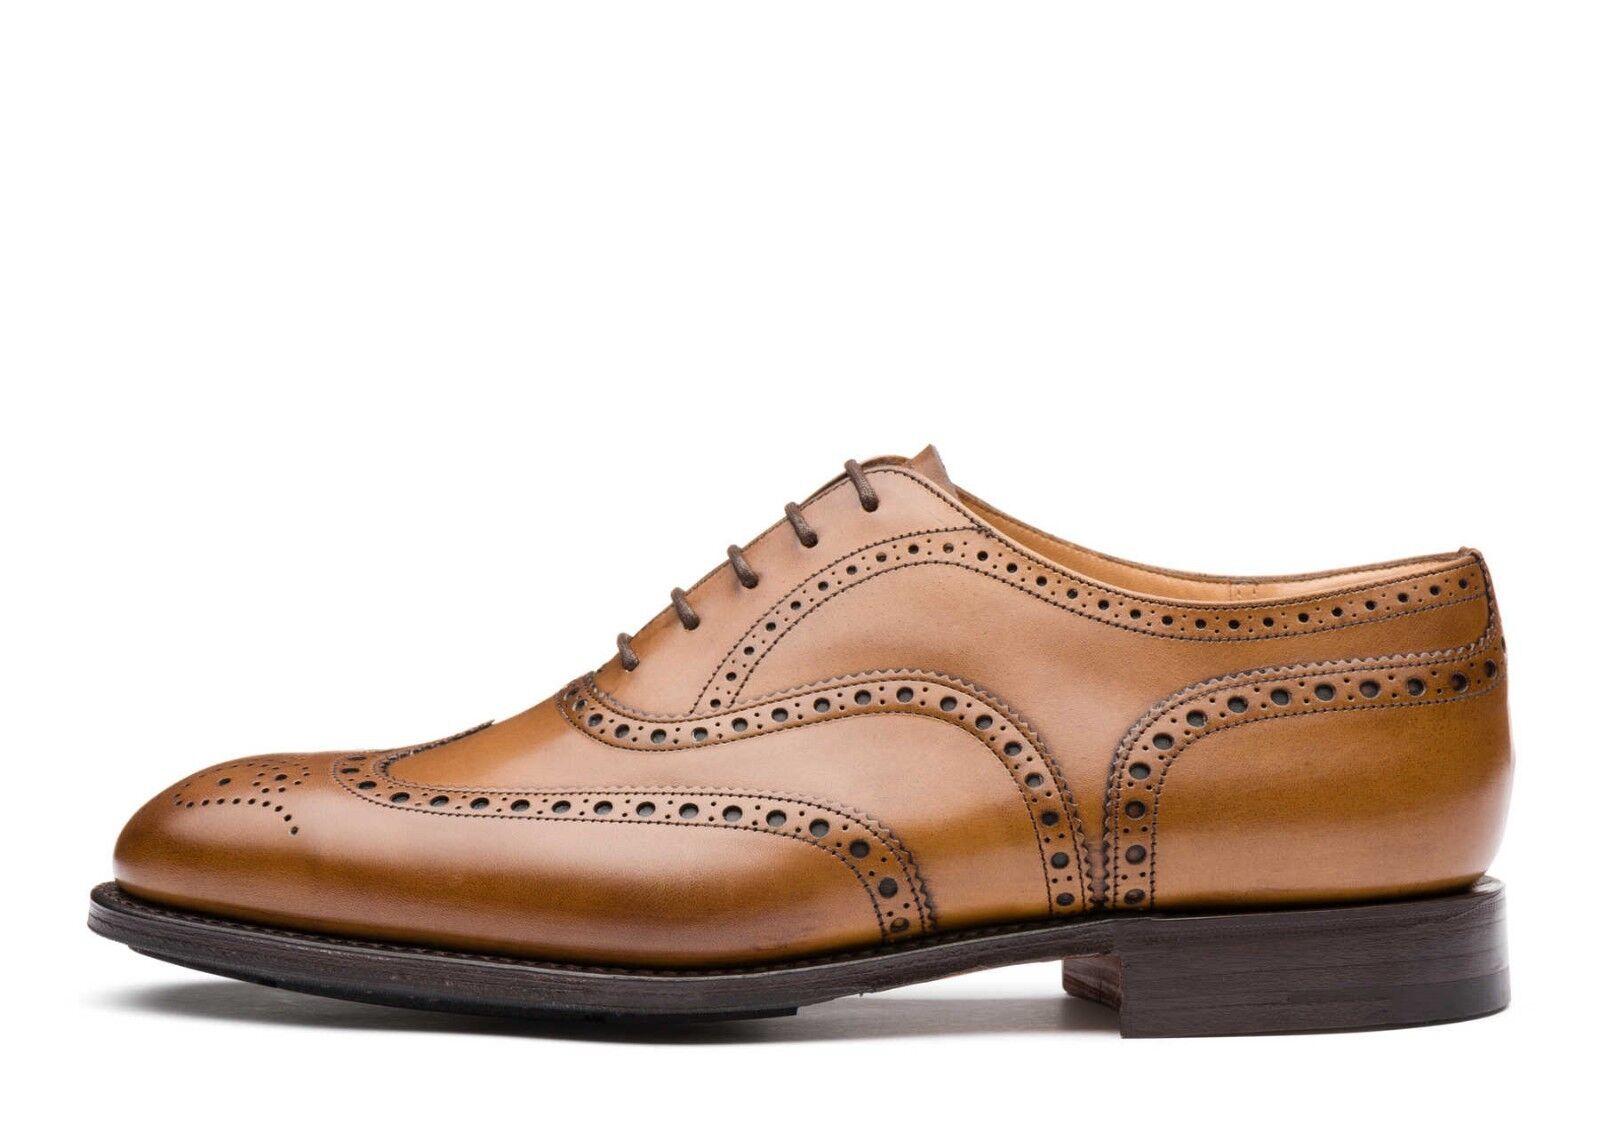 Zapatos Clásicos Hombres Formales hechos a mano, zapatos A Medida, Para Hombre Zapatos, personalizado hecho mejor vender